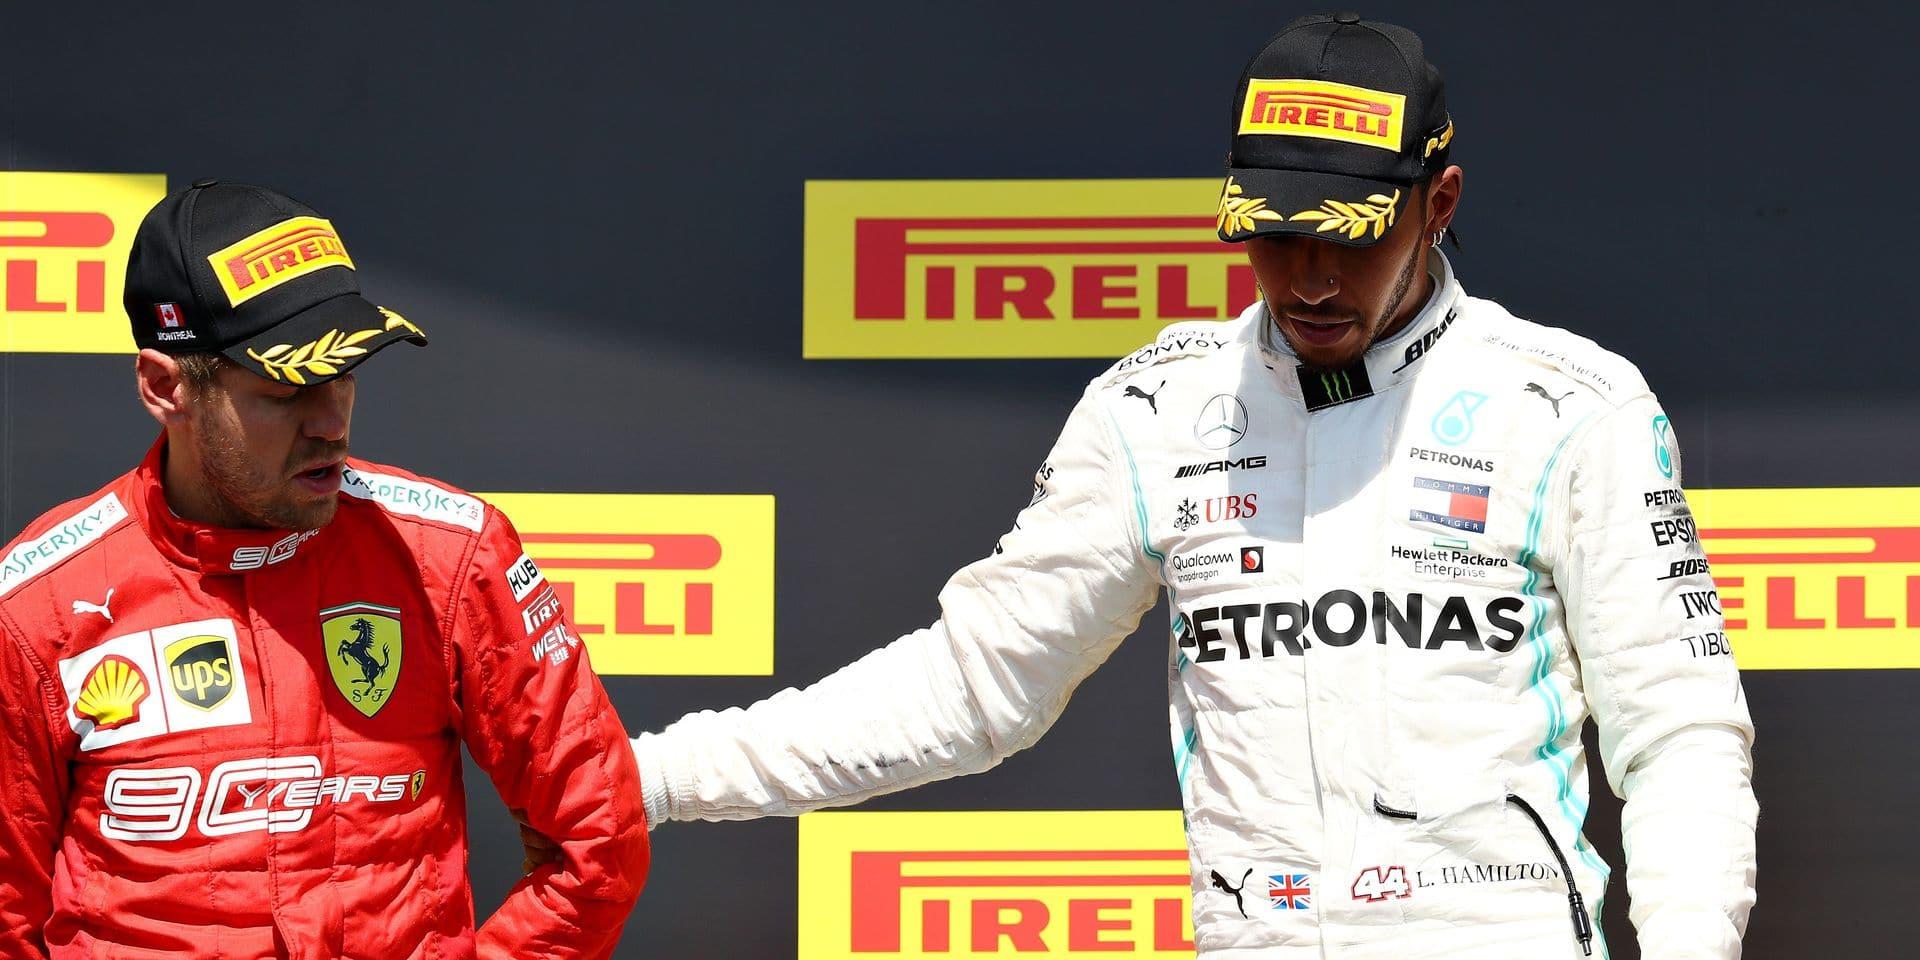 GP du Canada: fallait-il vraiment pénaliser Sebastian Vettel et le priver d'une victoire méritée?